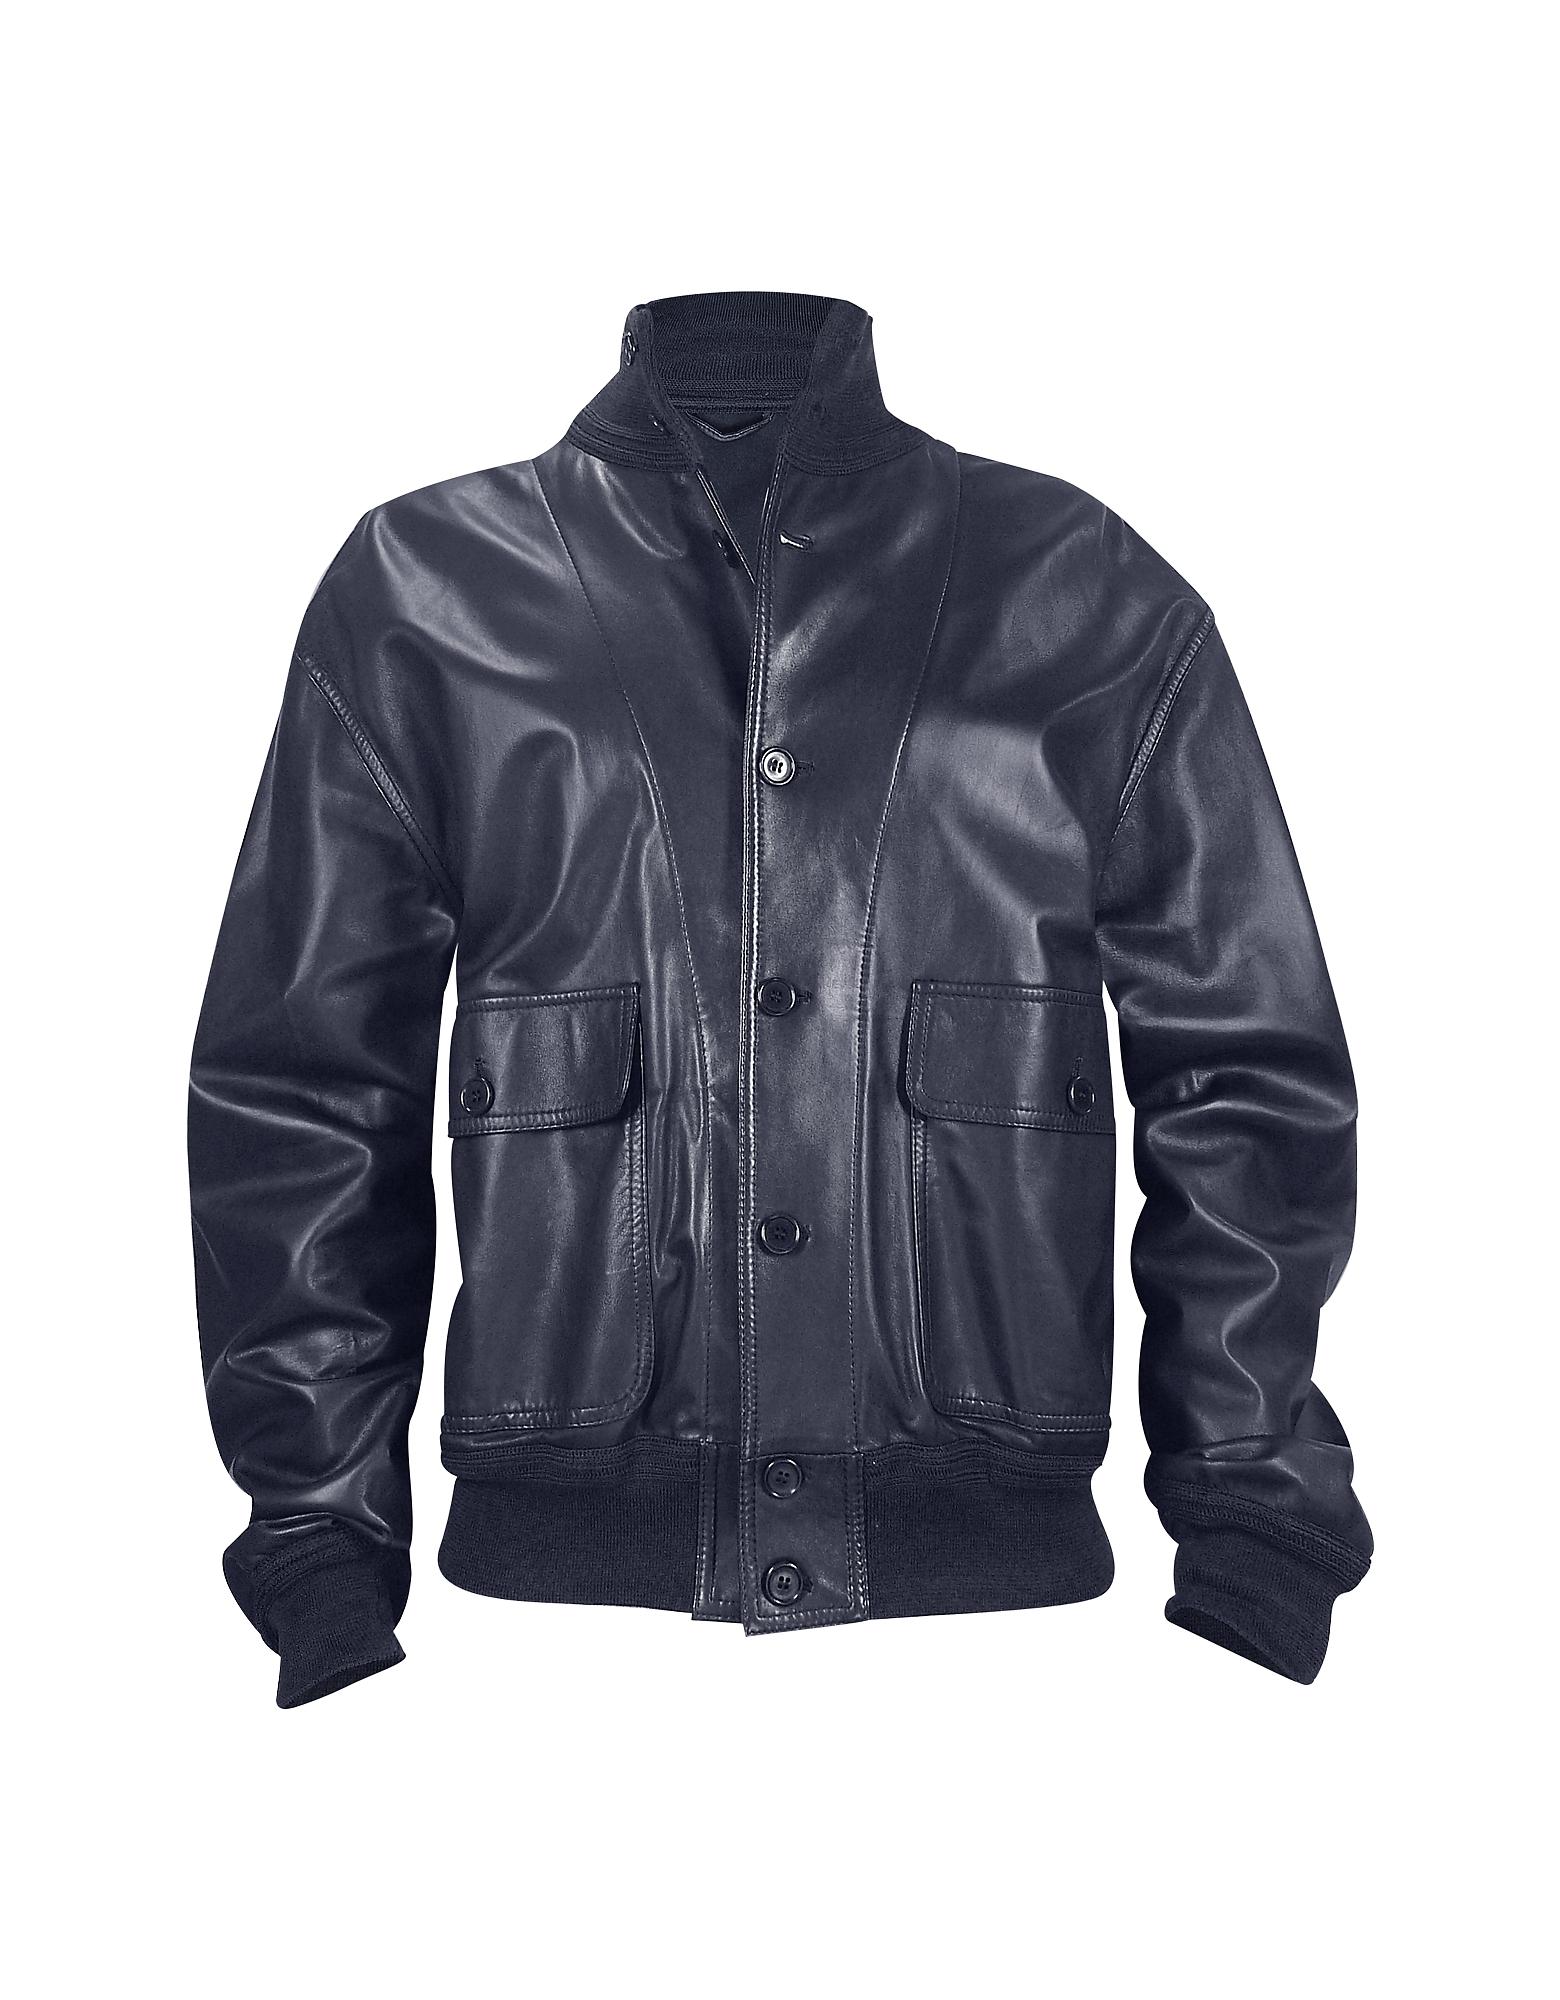 Темно-синяя Итальянская Мужская Куртка из Кожи Наппа с Двумя Карманами